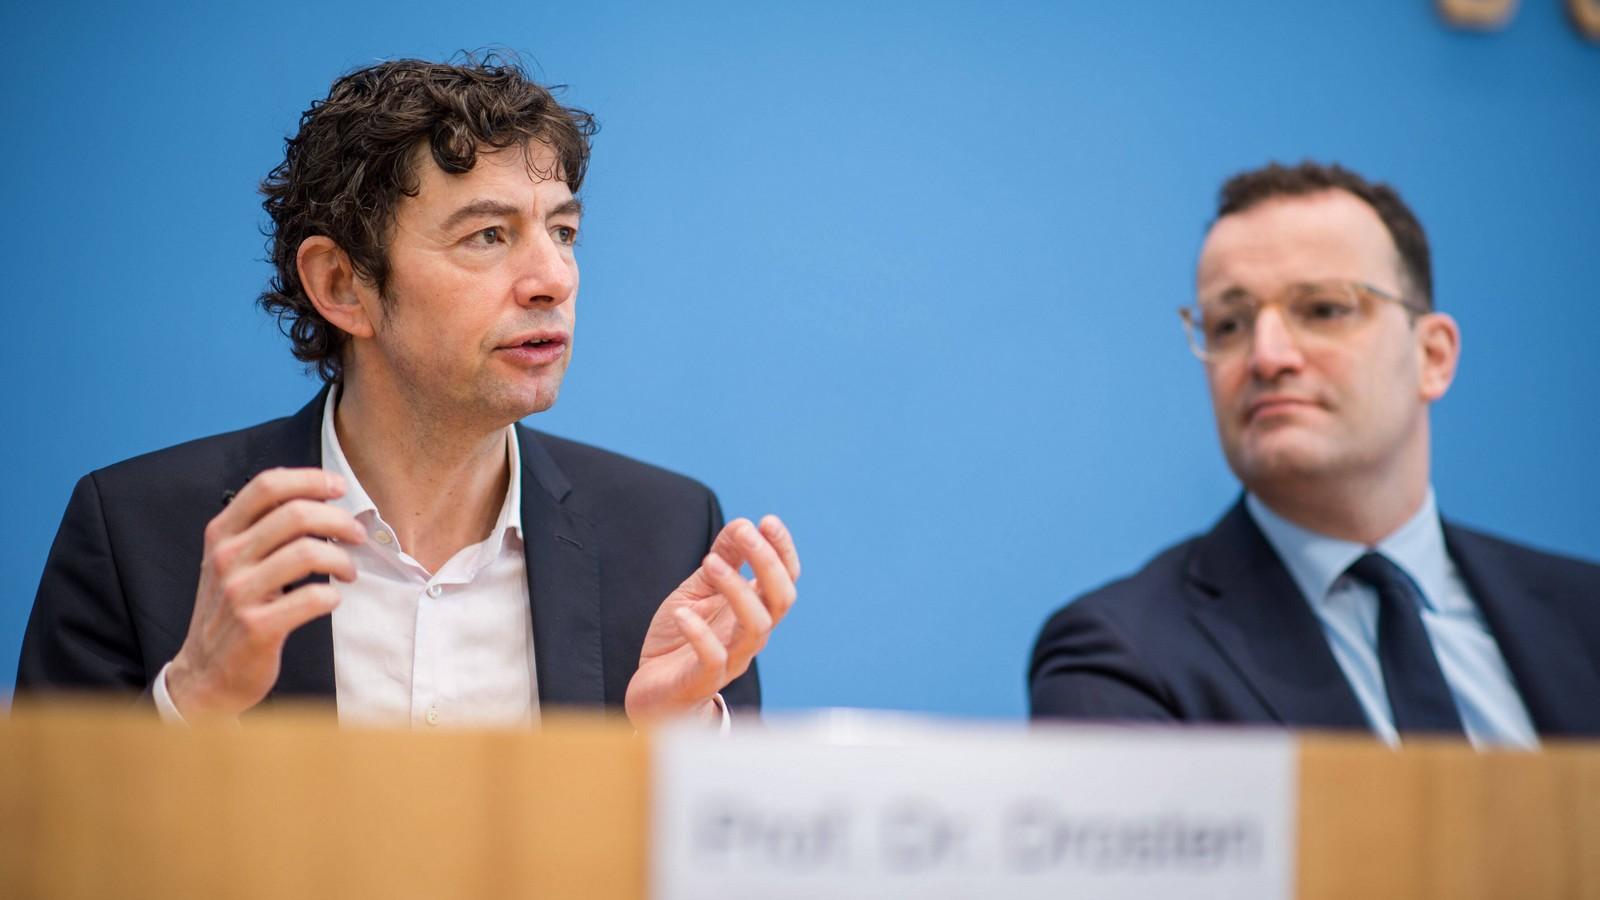 Dr. Christian Drosten